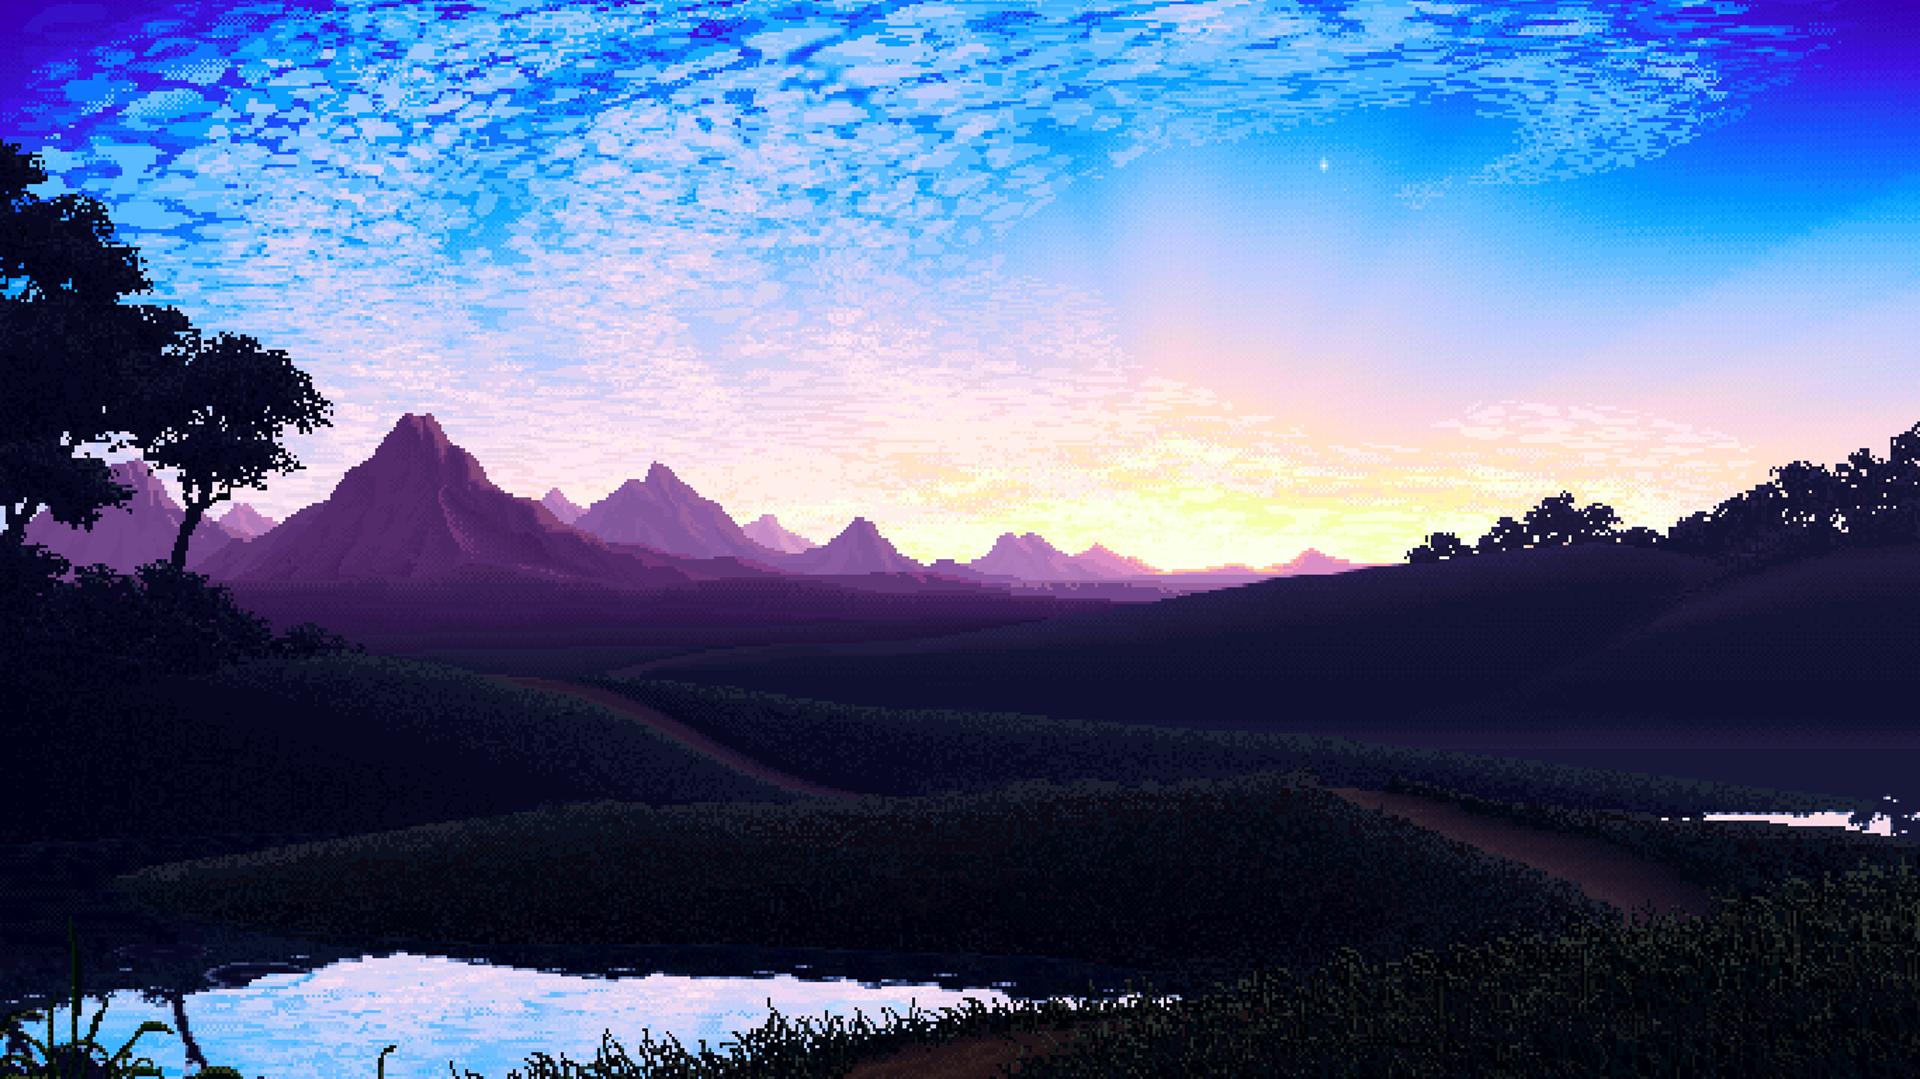 images?q=tbn:ANd9GcQh_l3eQ5xwiPy07kGEXjmjgmBKBRB7H2mRxCGhv1tFWg5c_mWT Pixel Art Landscape @koolgadgetz.com.info